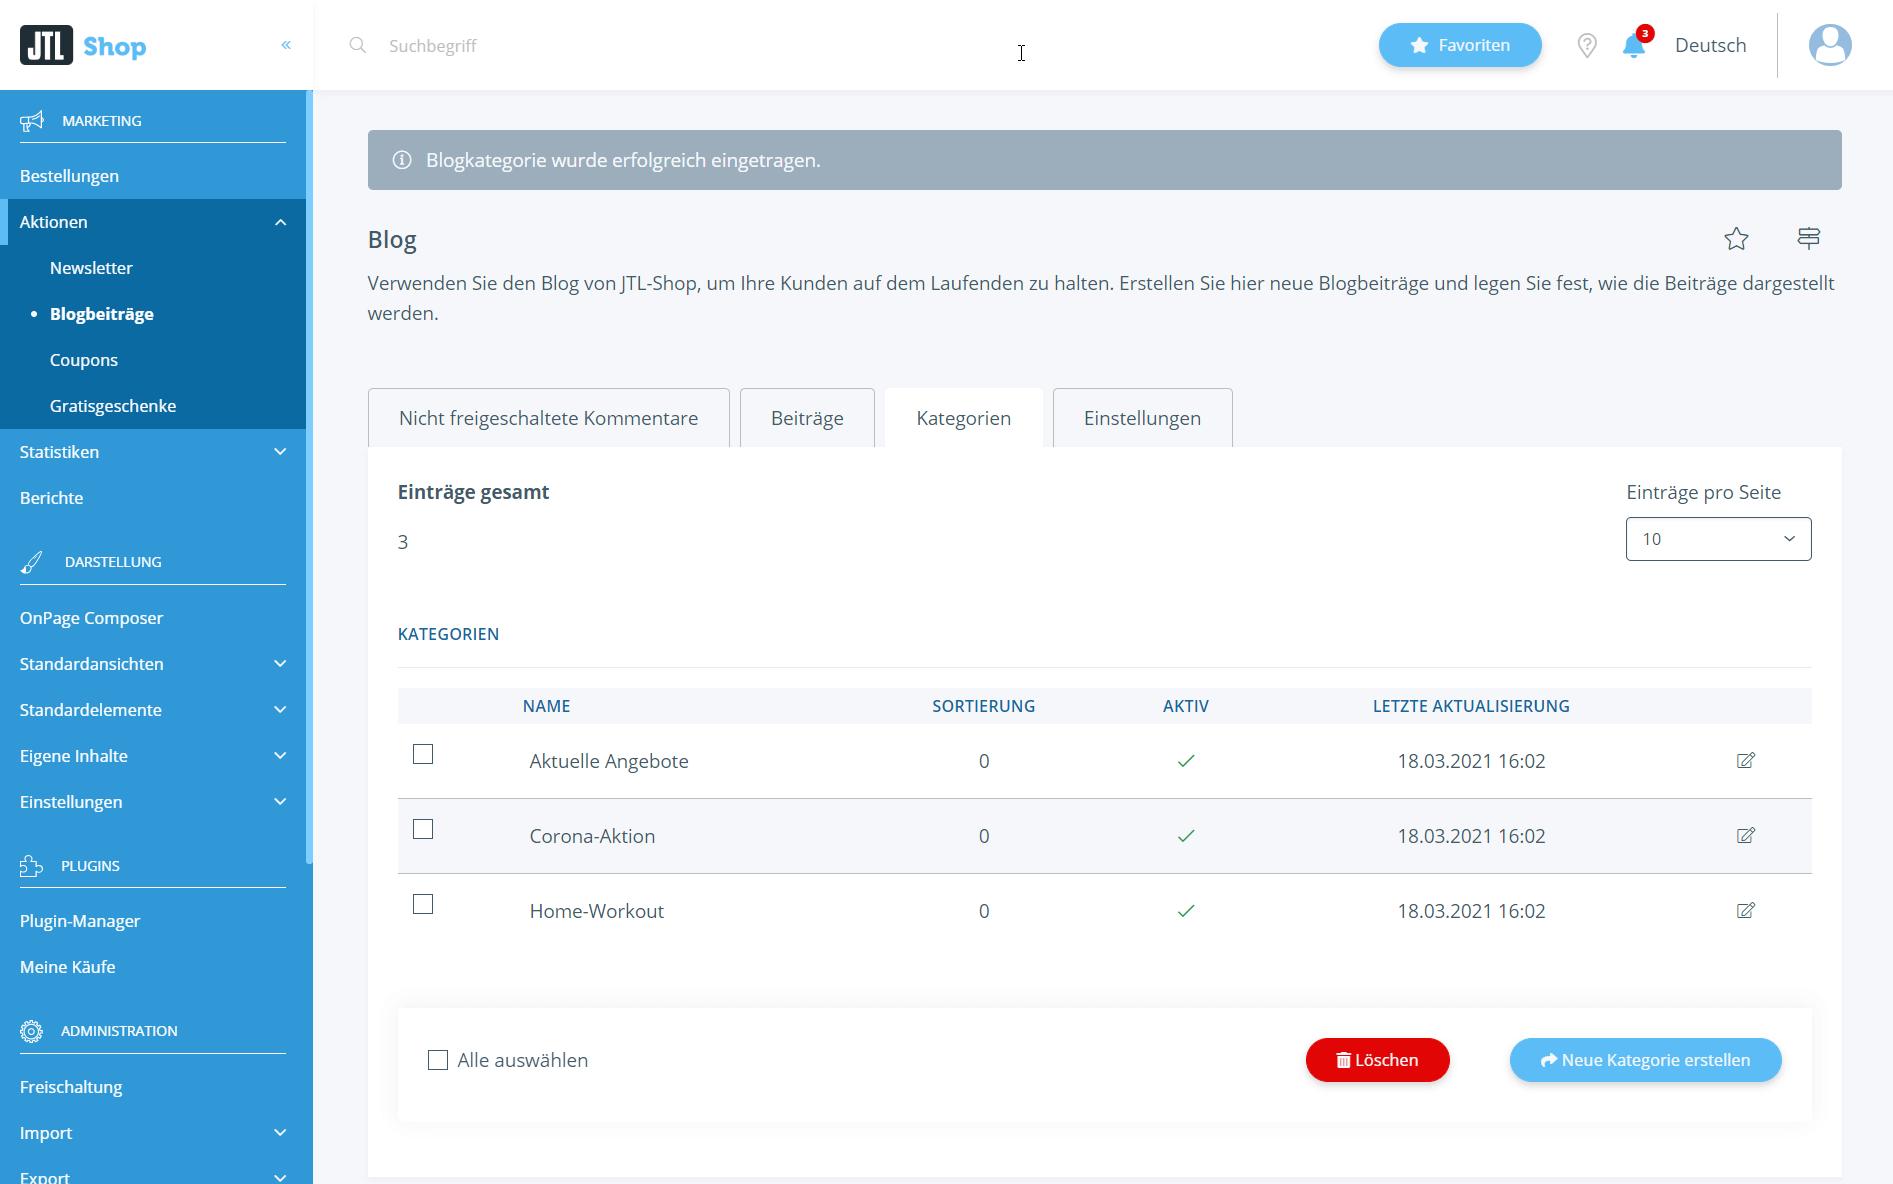 Kategorien im Blogsystem von JTL-Shop